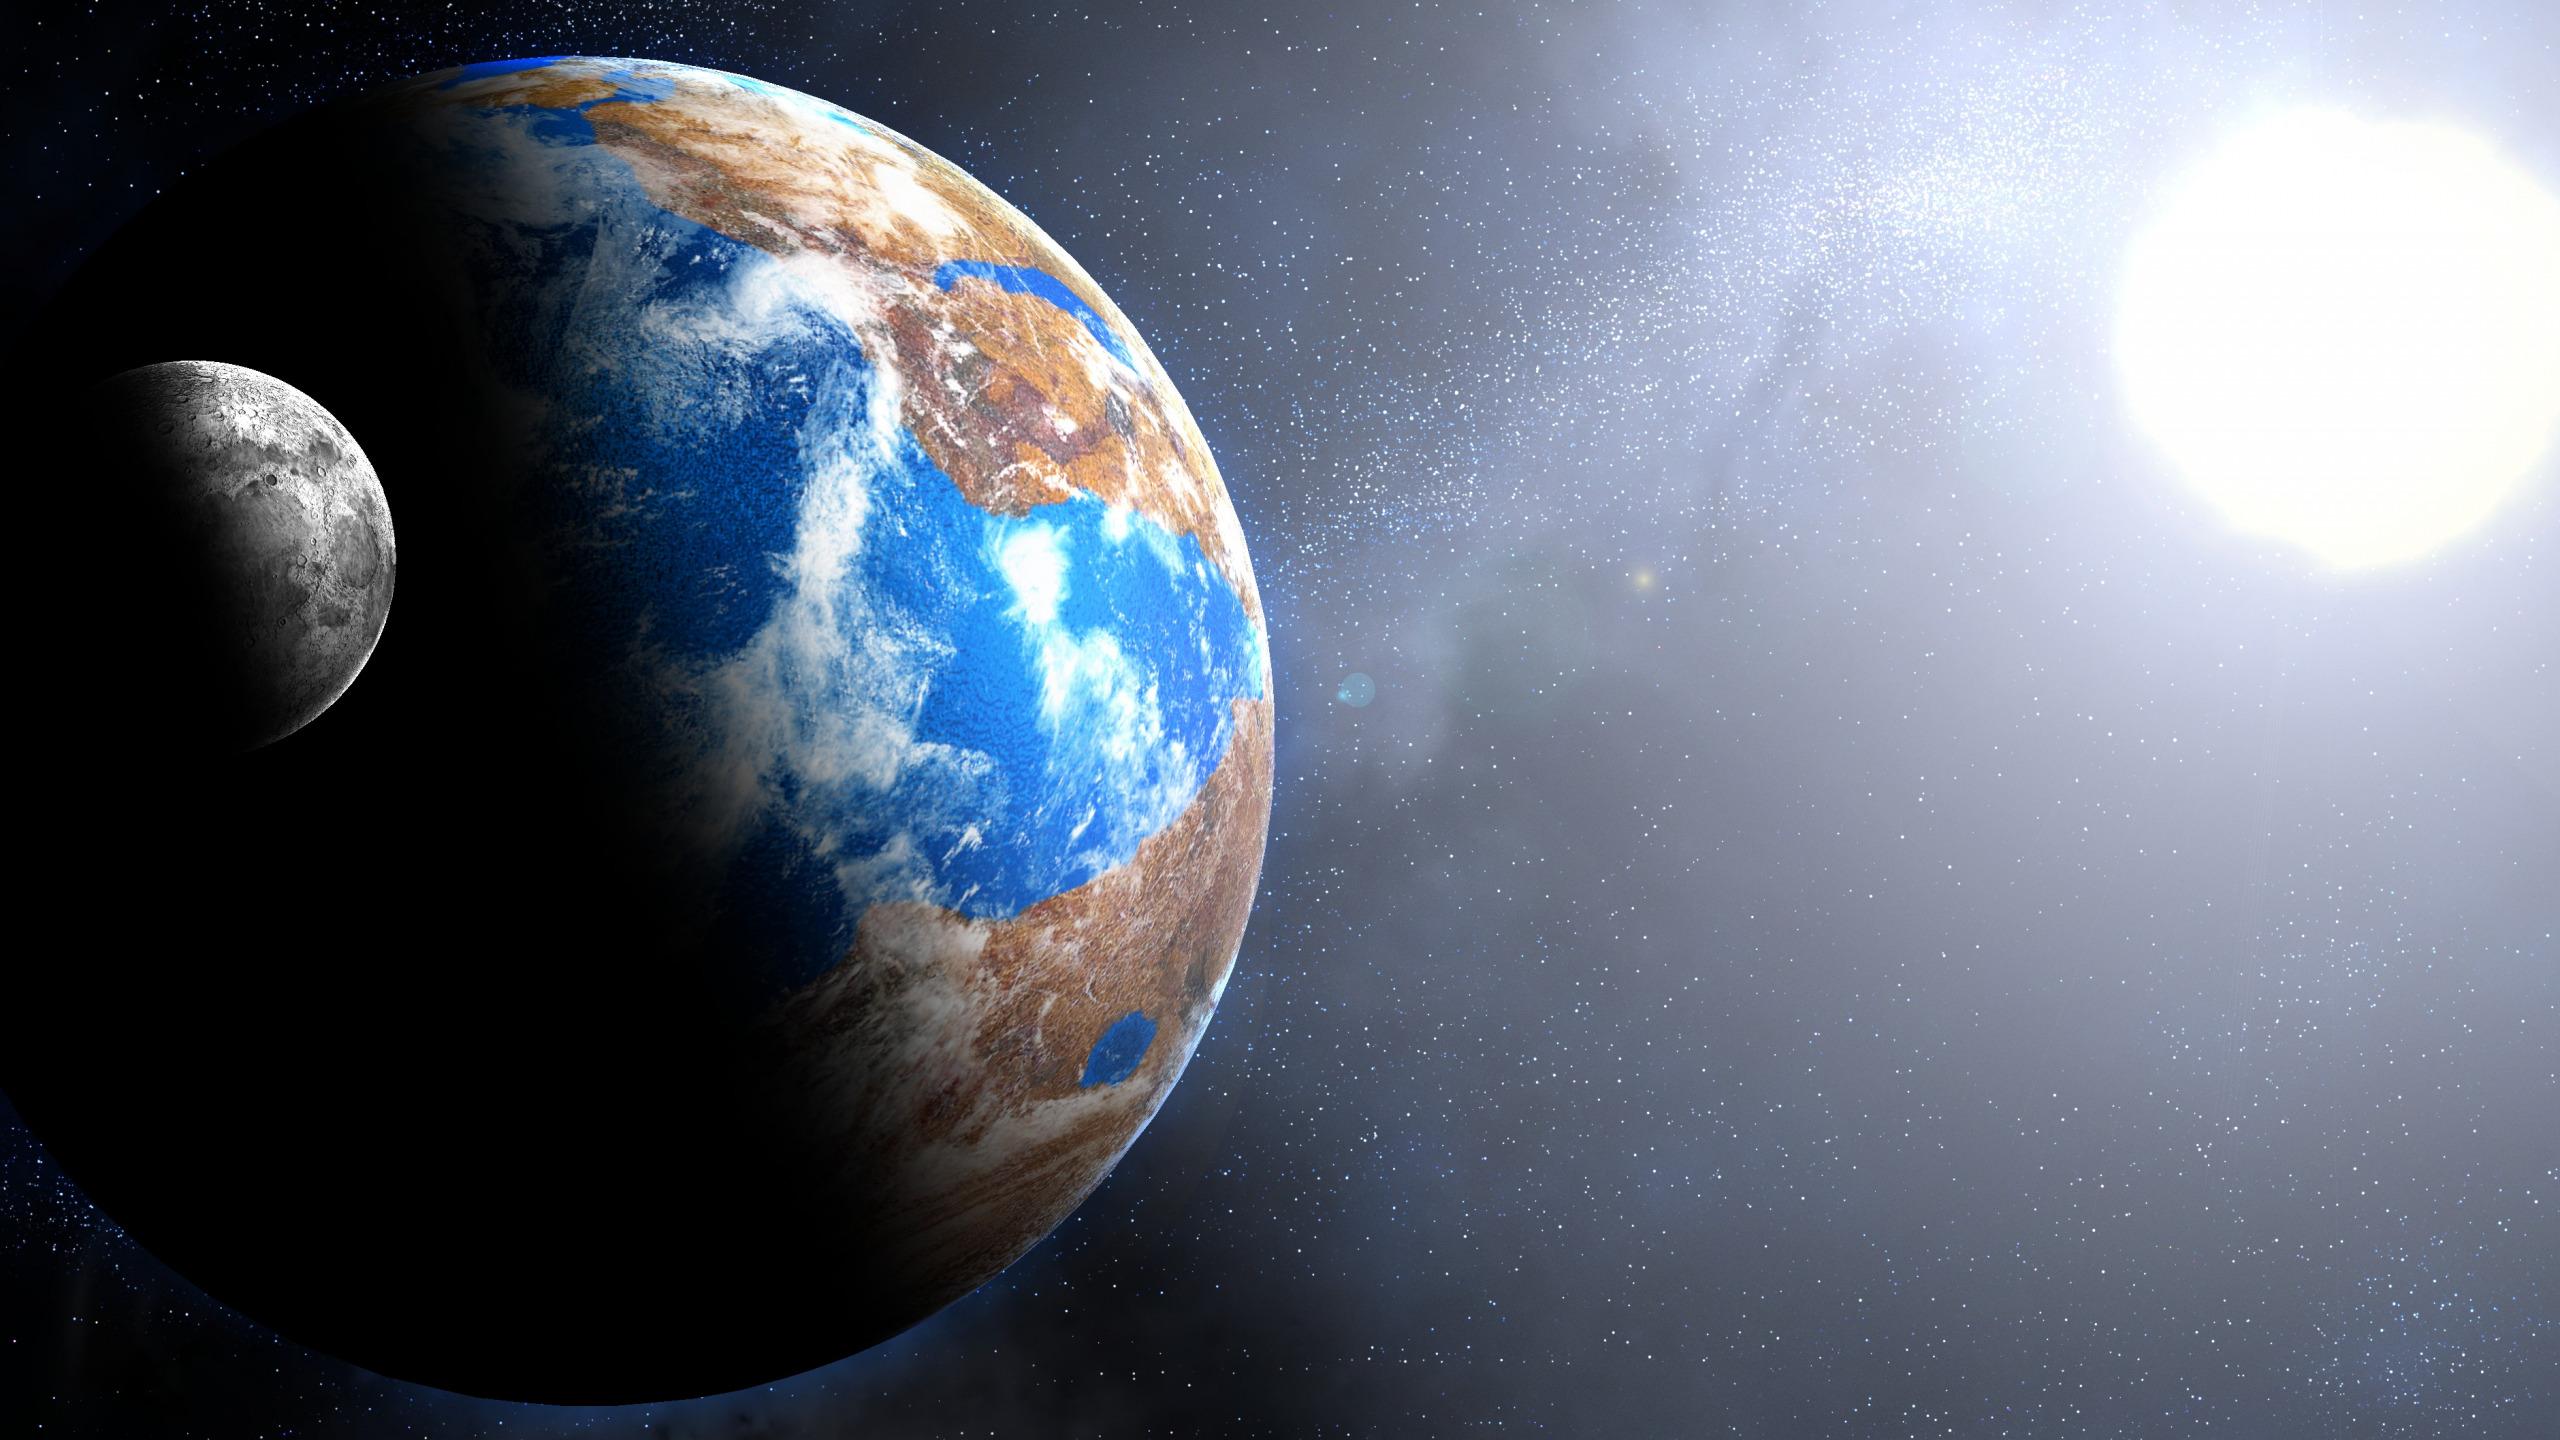 Разработаны новые стандарты, регулирующие космическую отрасль